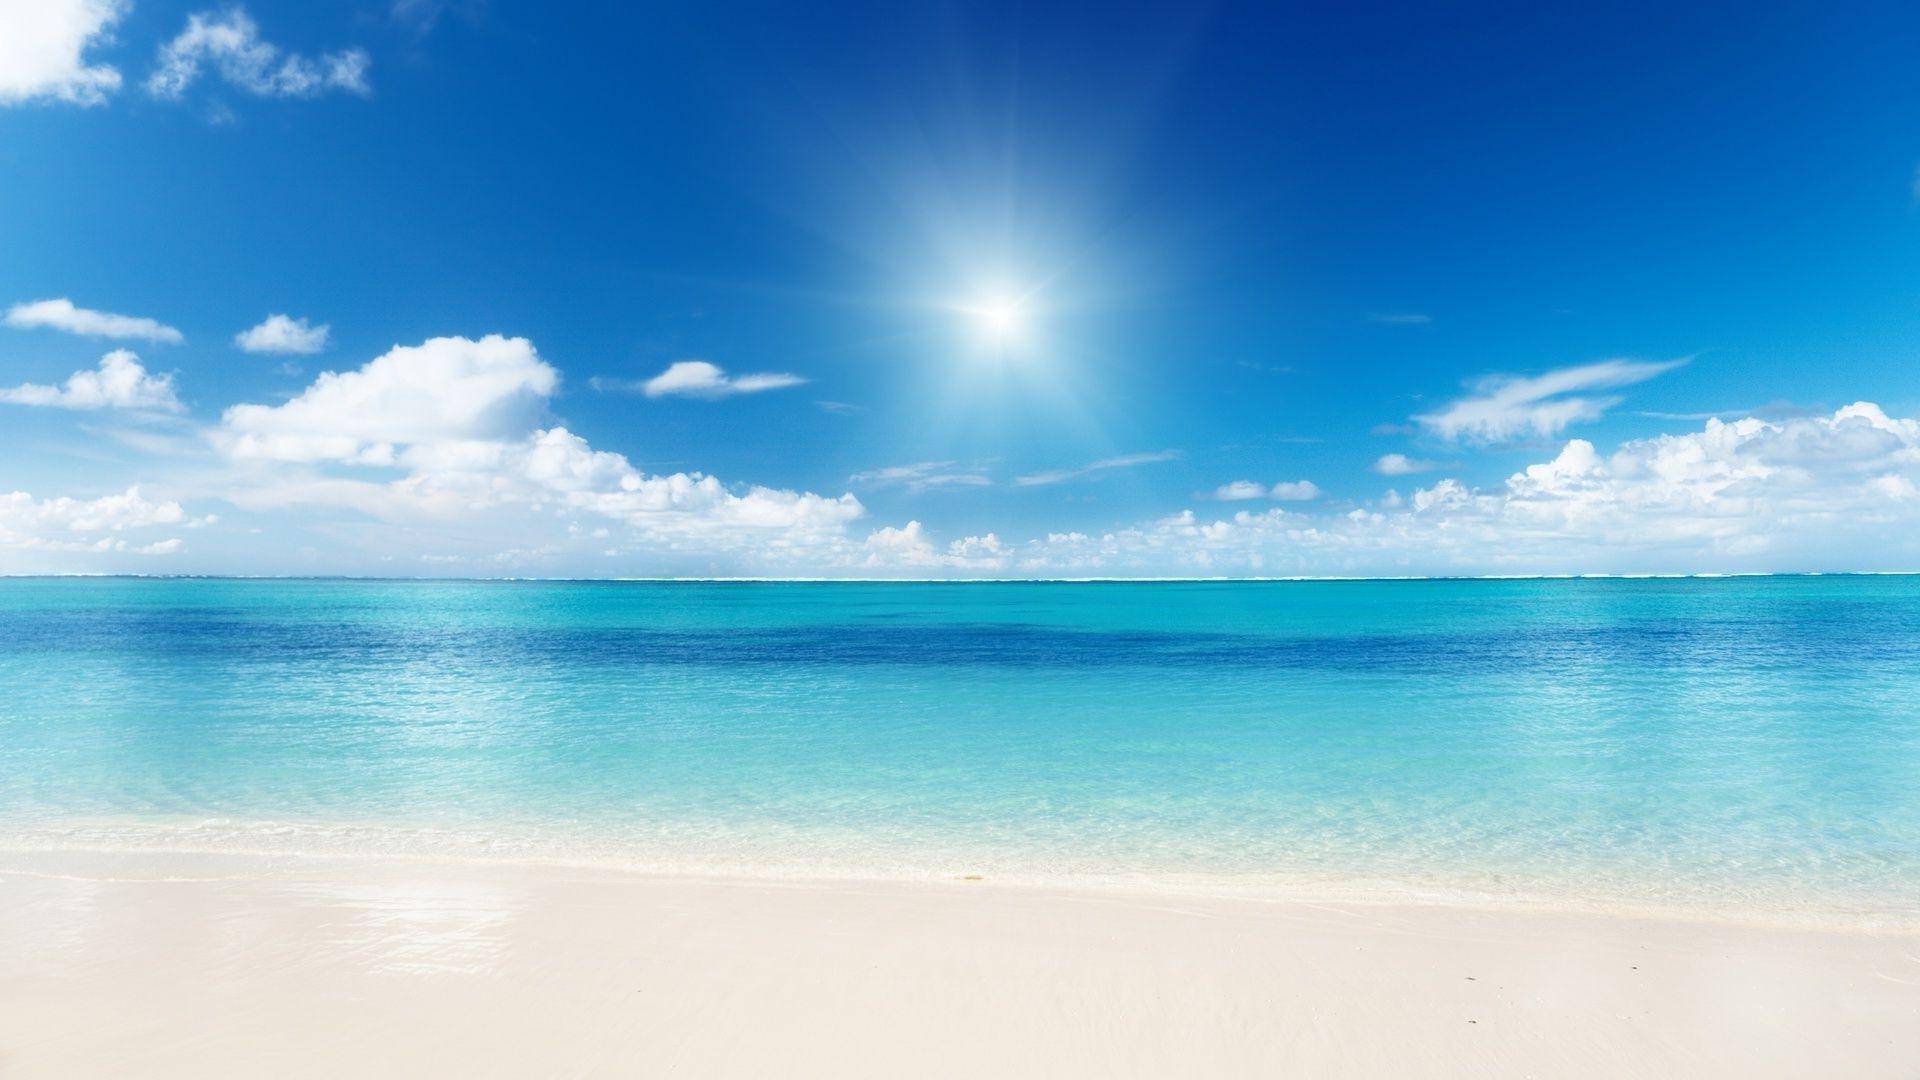 Пляж тропический обои 3